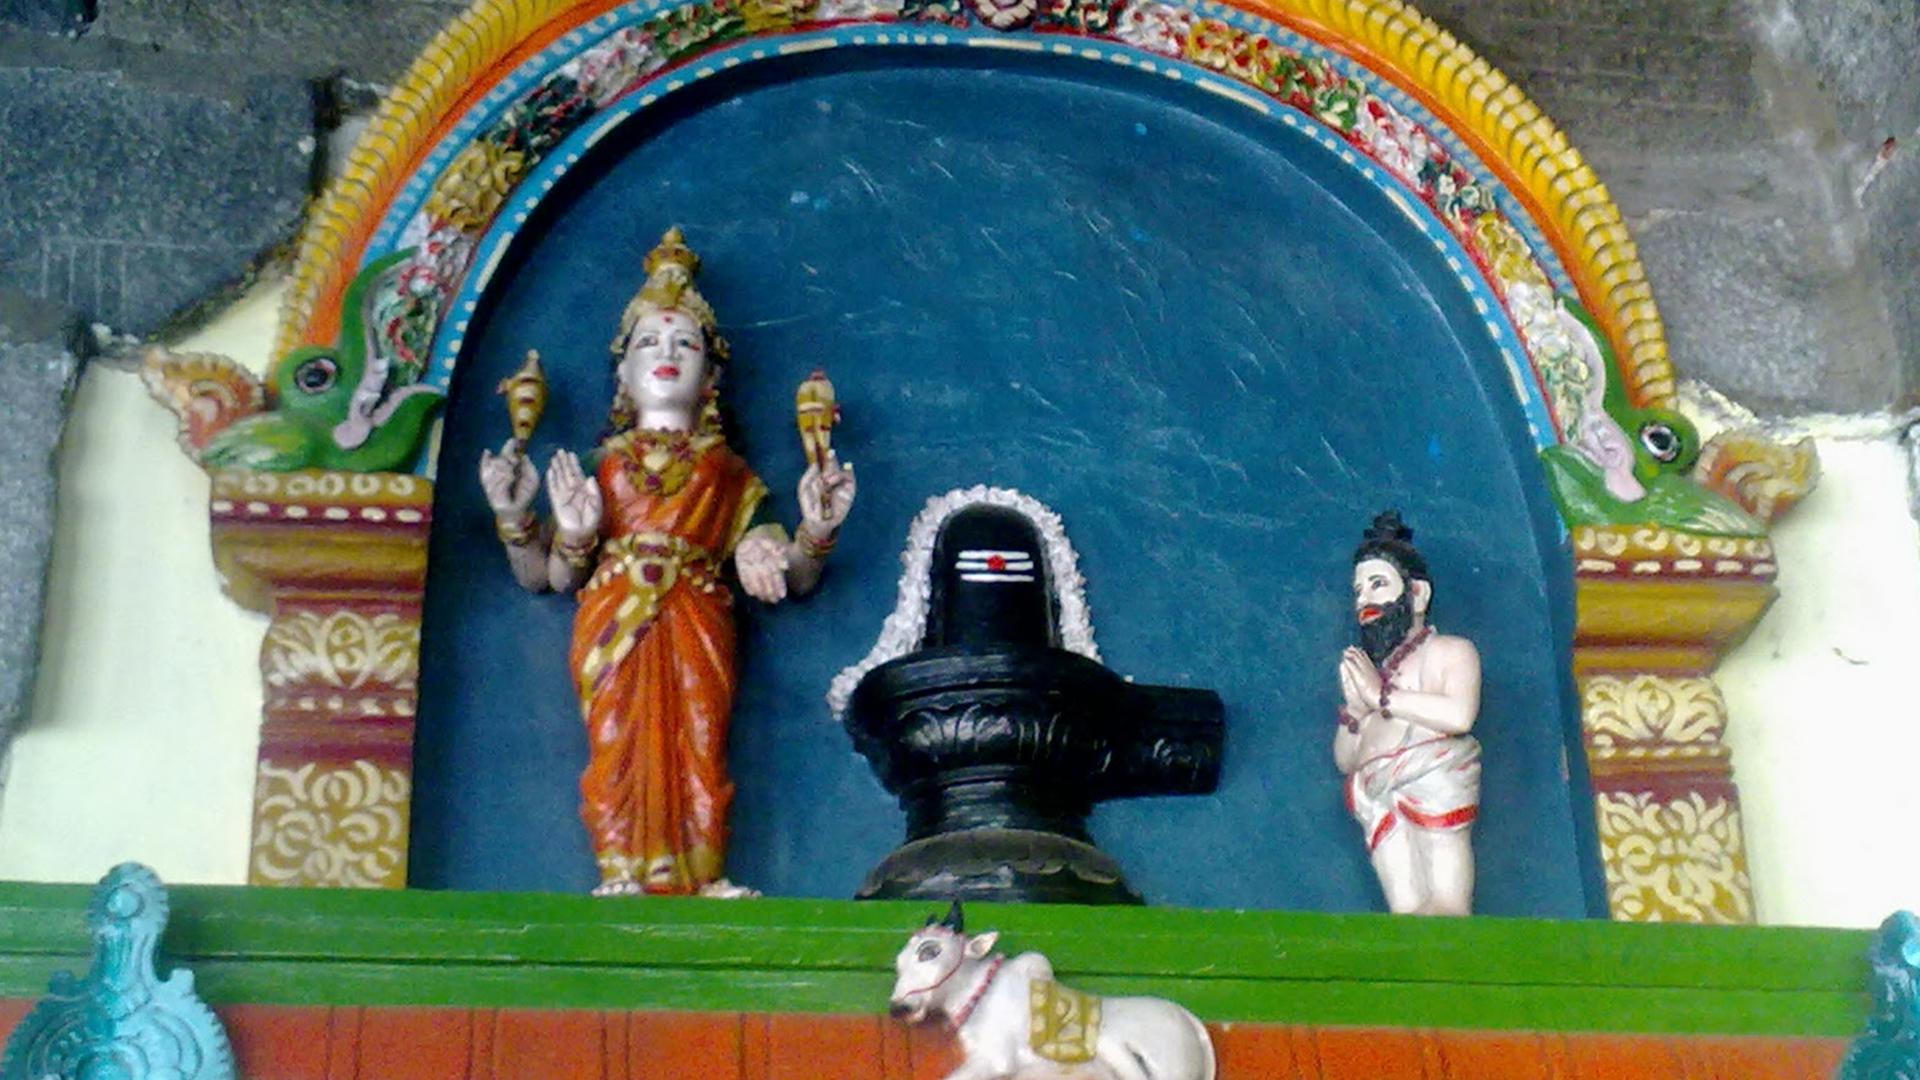 Pozhichalur-Sri-Agatheeswarar